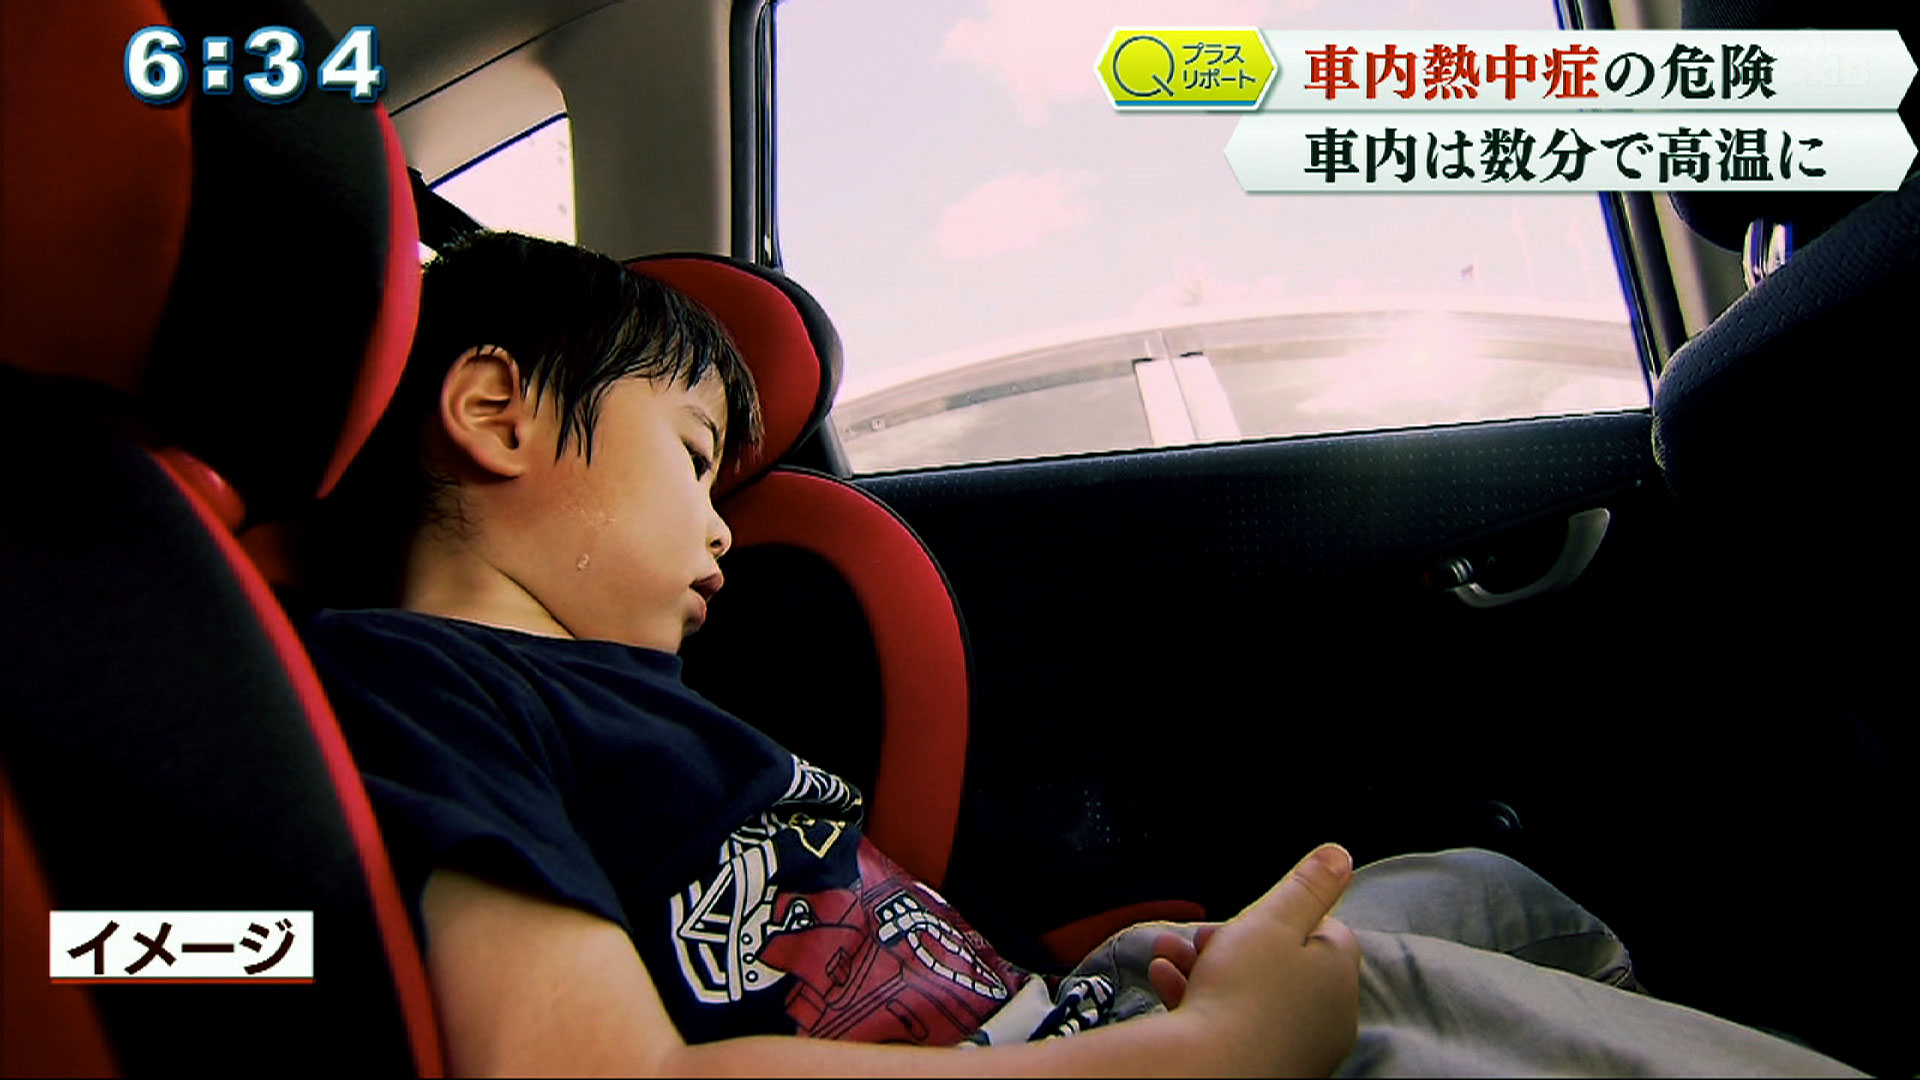 Qプラスリポート 車内熱中症の危険